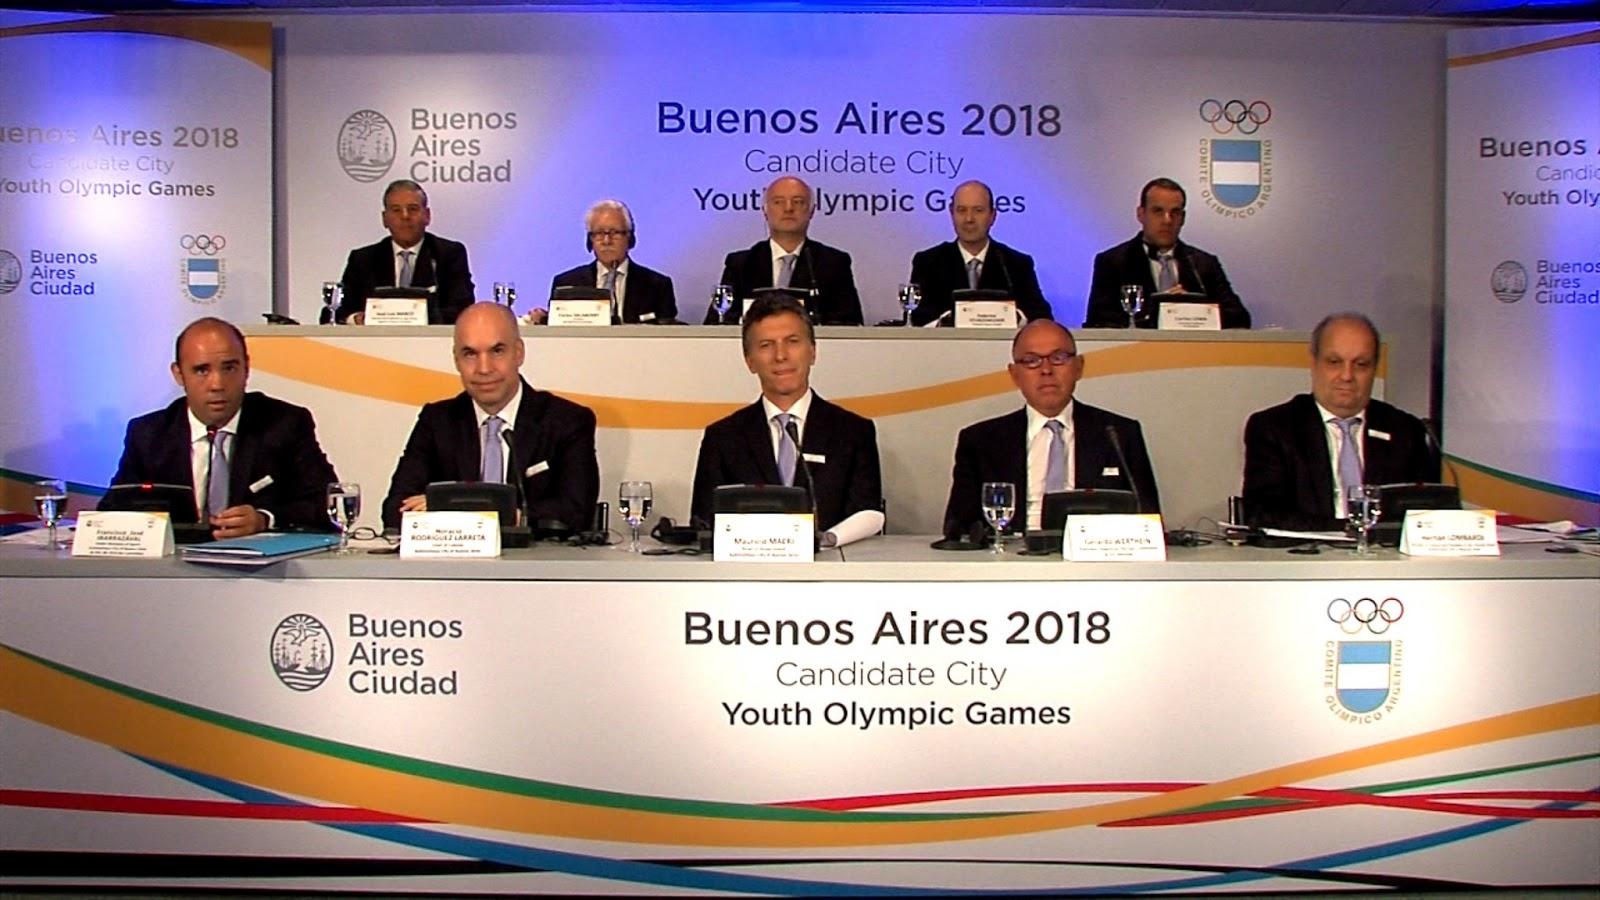 Buenos Aires candidata a los Juegos Olimpicos de la Juventud 2018